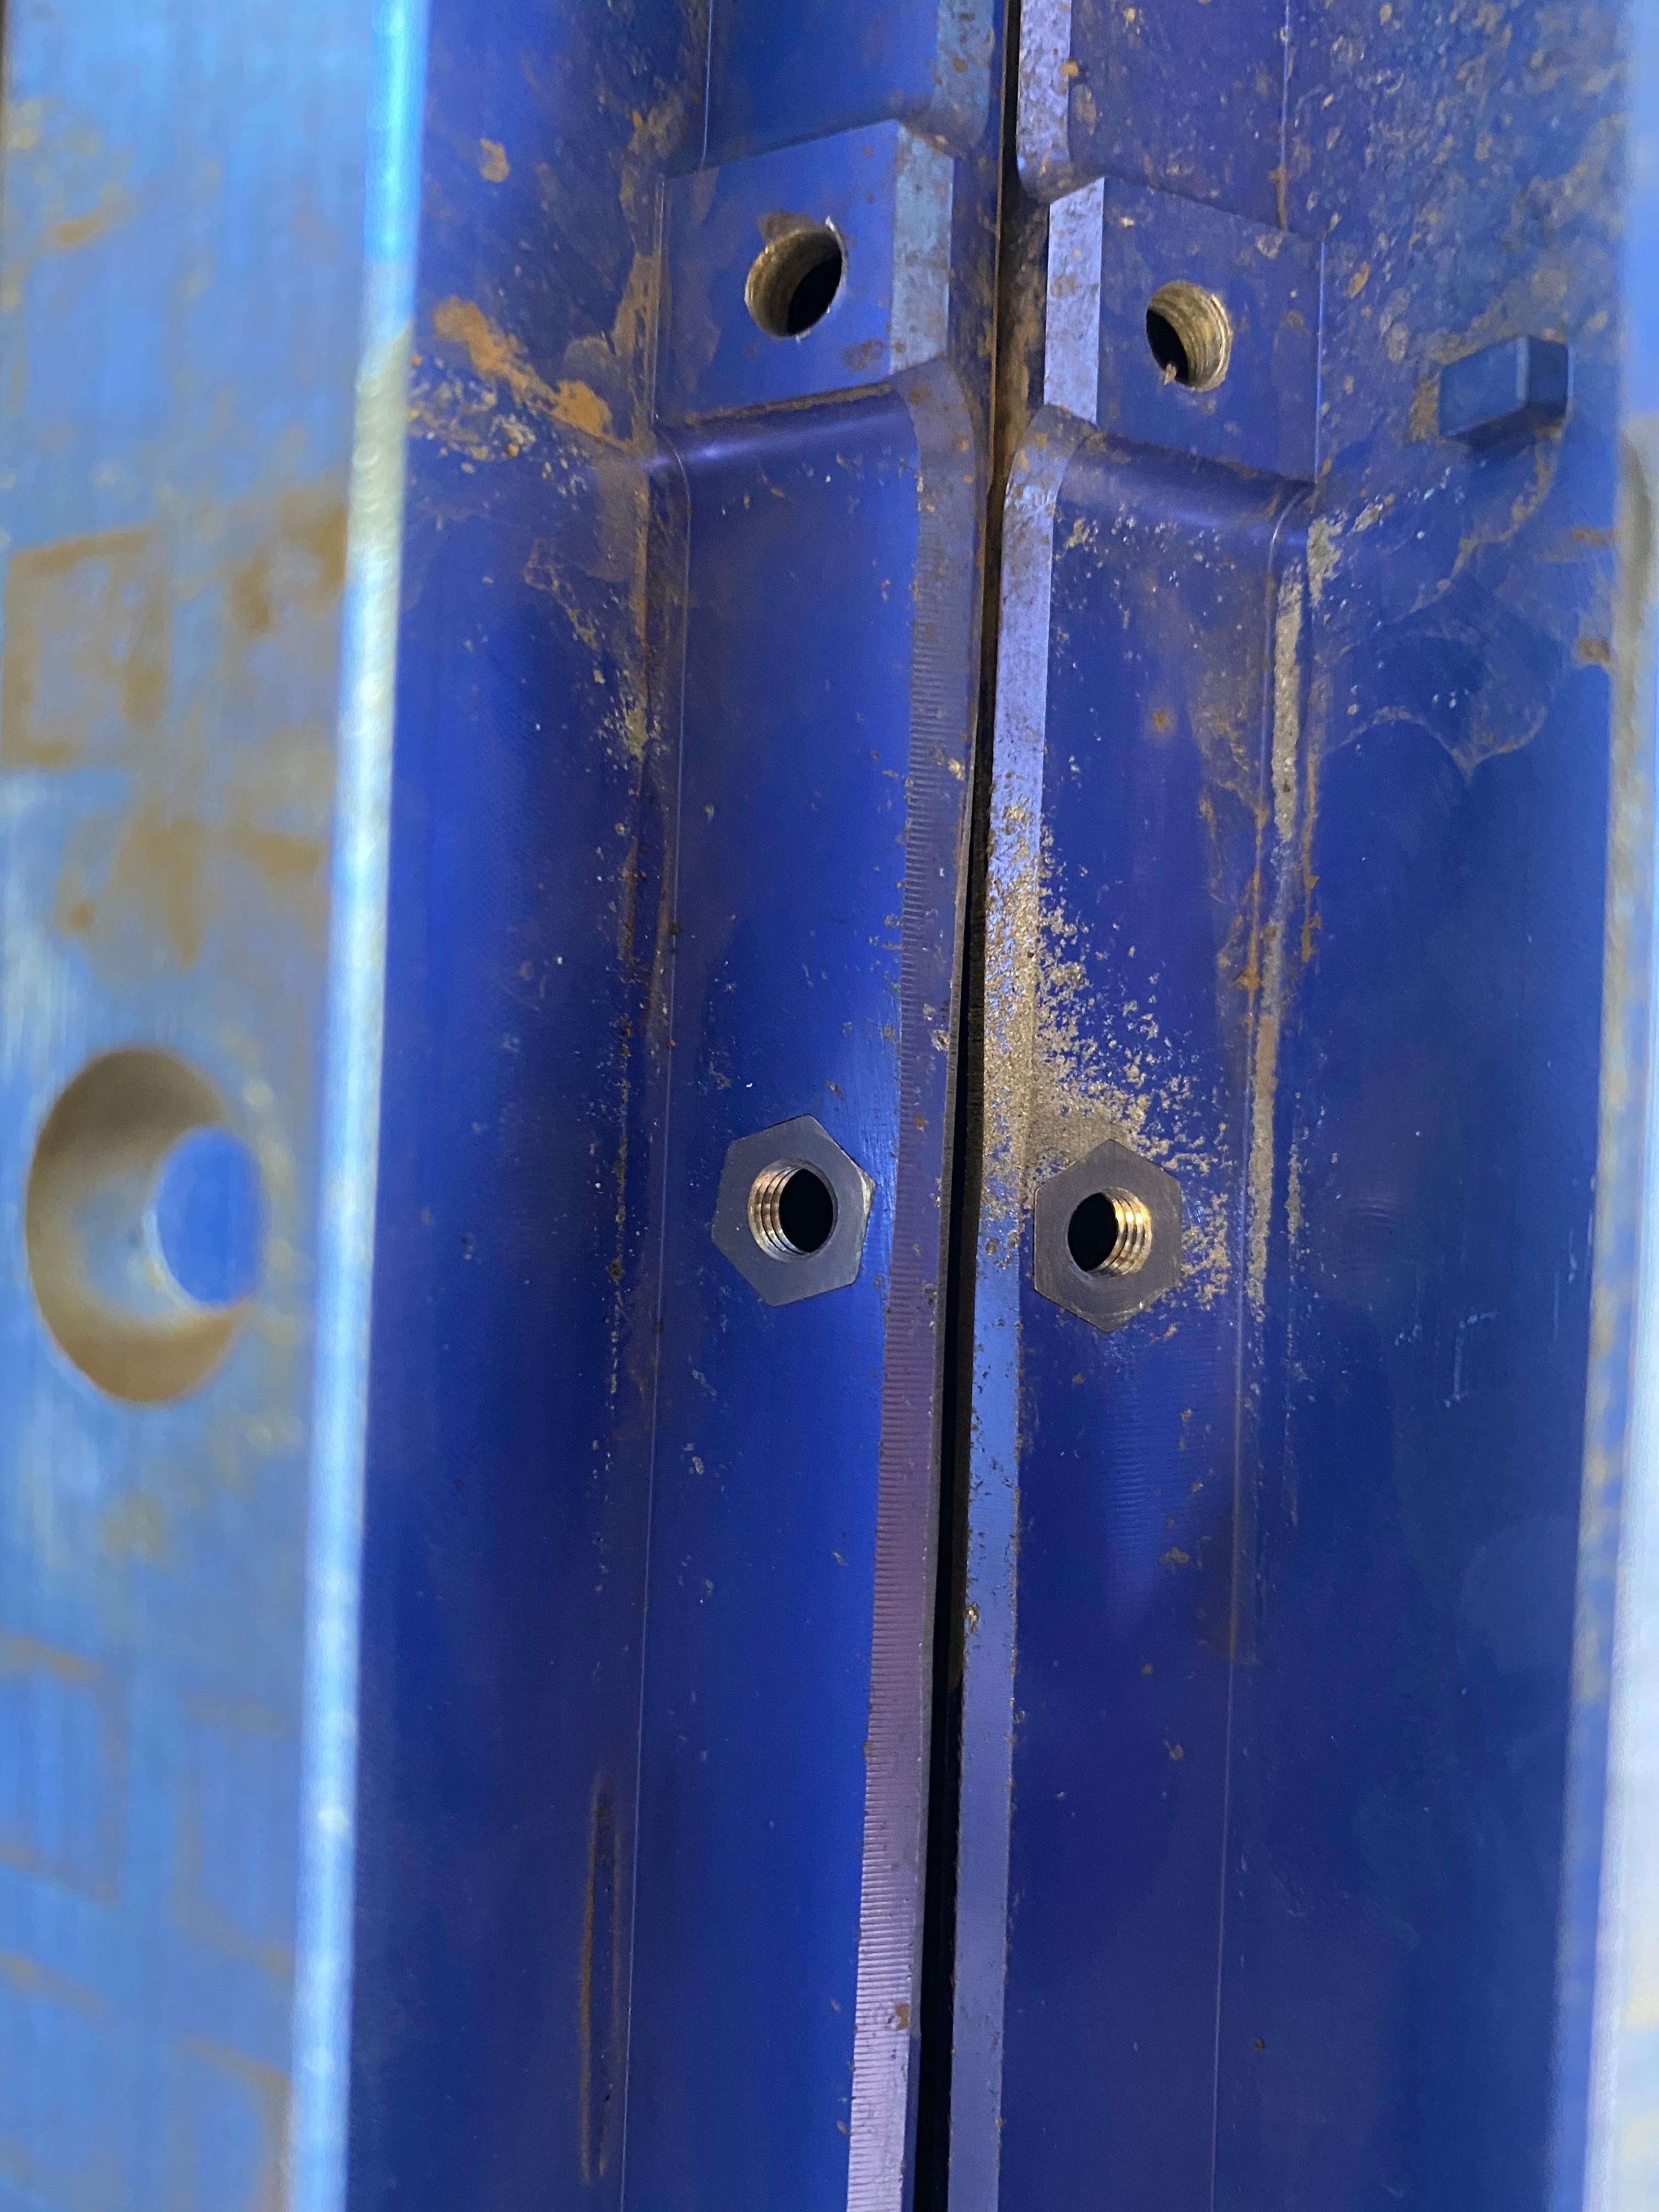 Stripped Screw repair